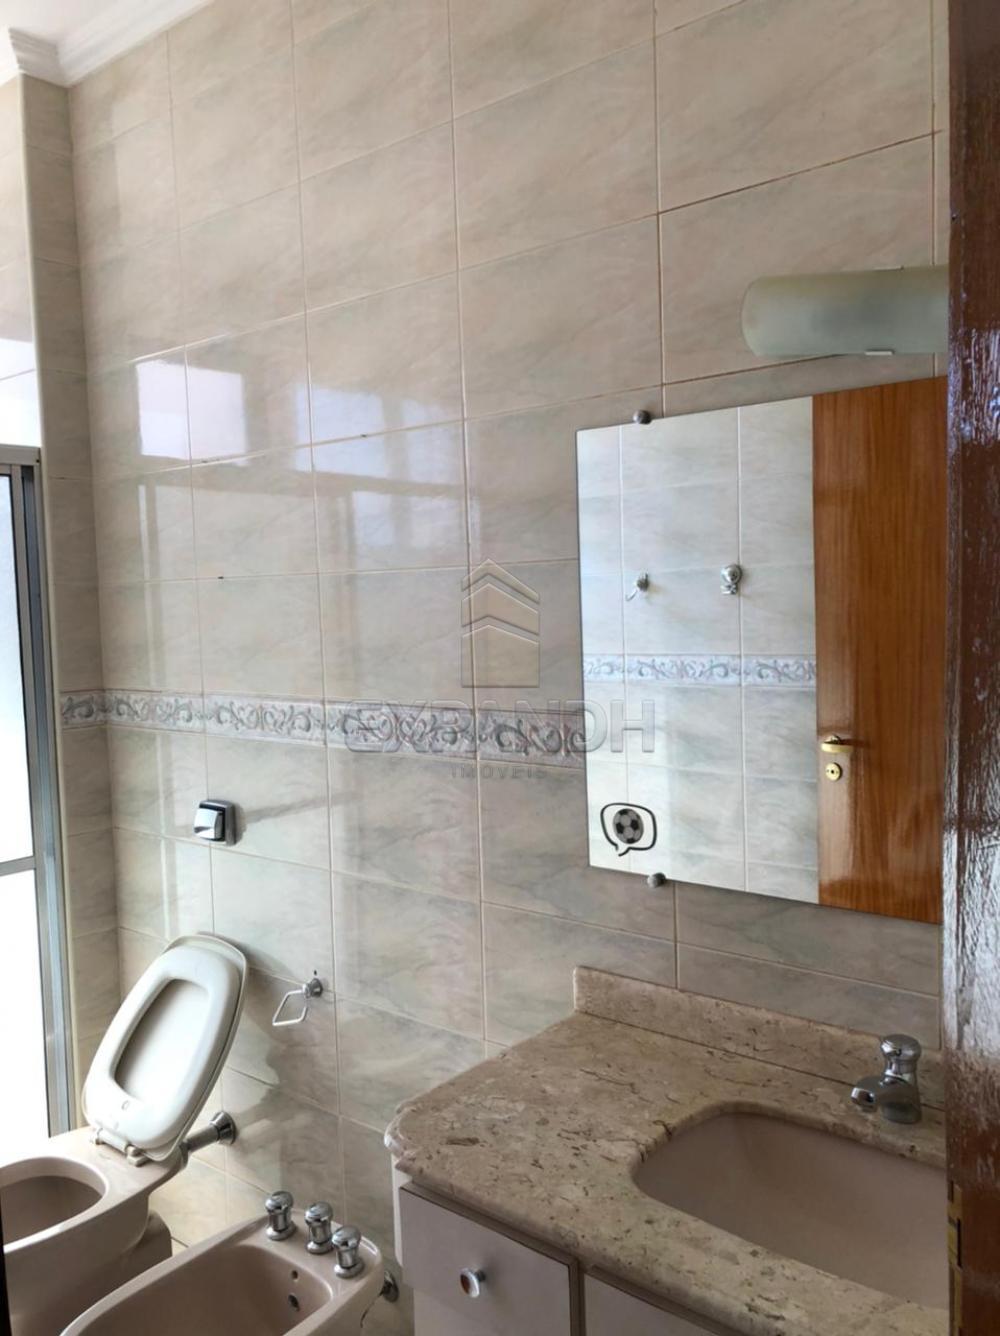 Alugar Apartamentos / Padrão em Sertãozinho R$ 1.350,00 - Foto 15